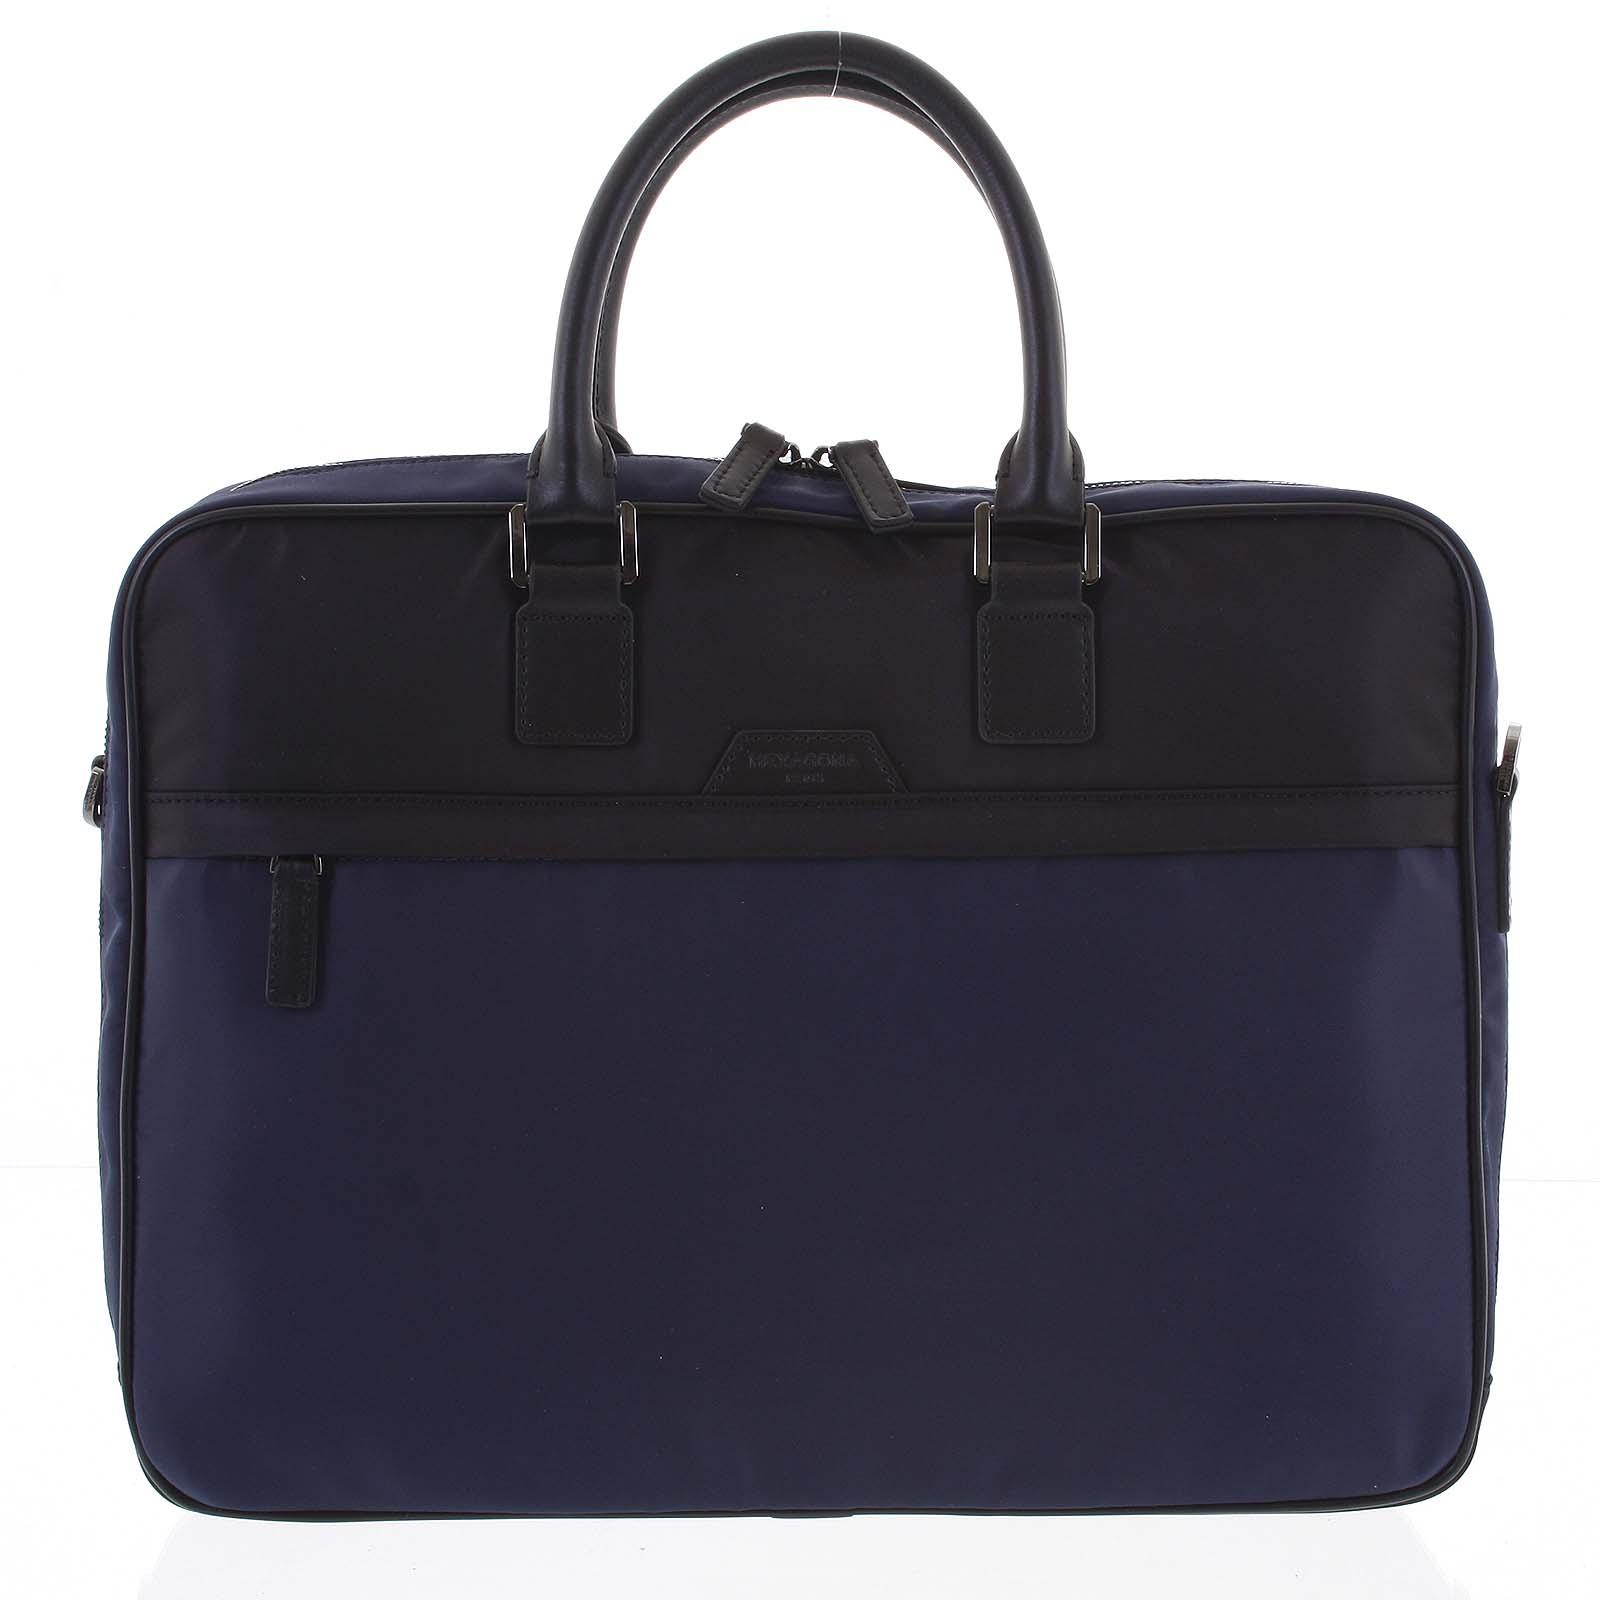 Pánska taška na notebook modro čierna - Hexagona Aslan